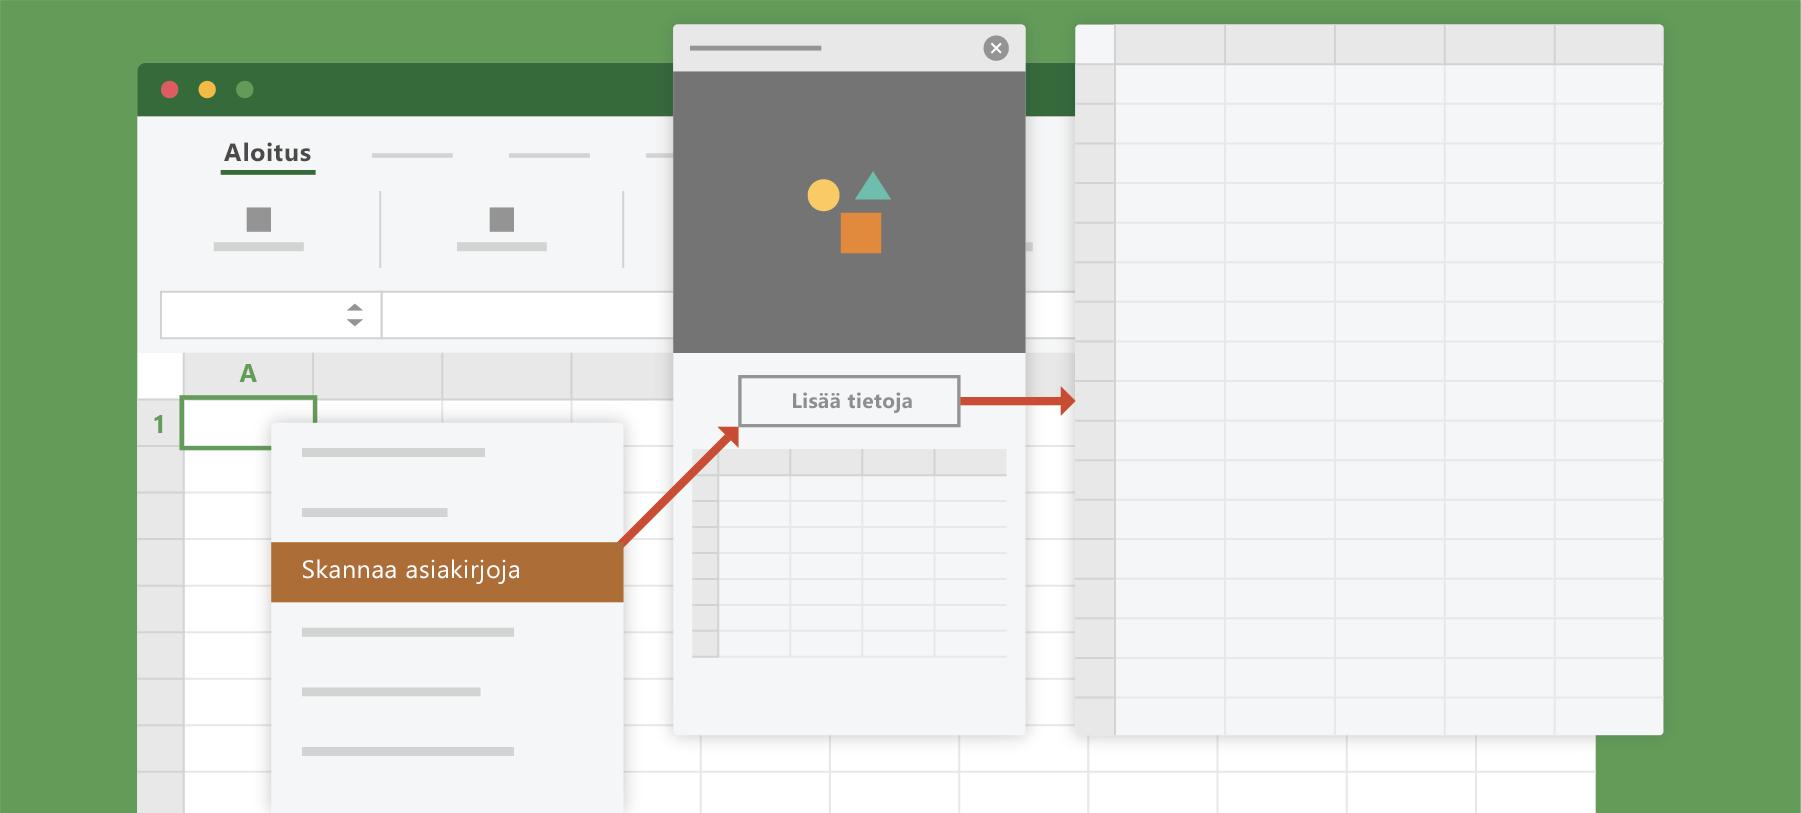 Näyttää Skannaa asiakirja -vaihtoehdon Excelissä